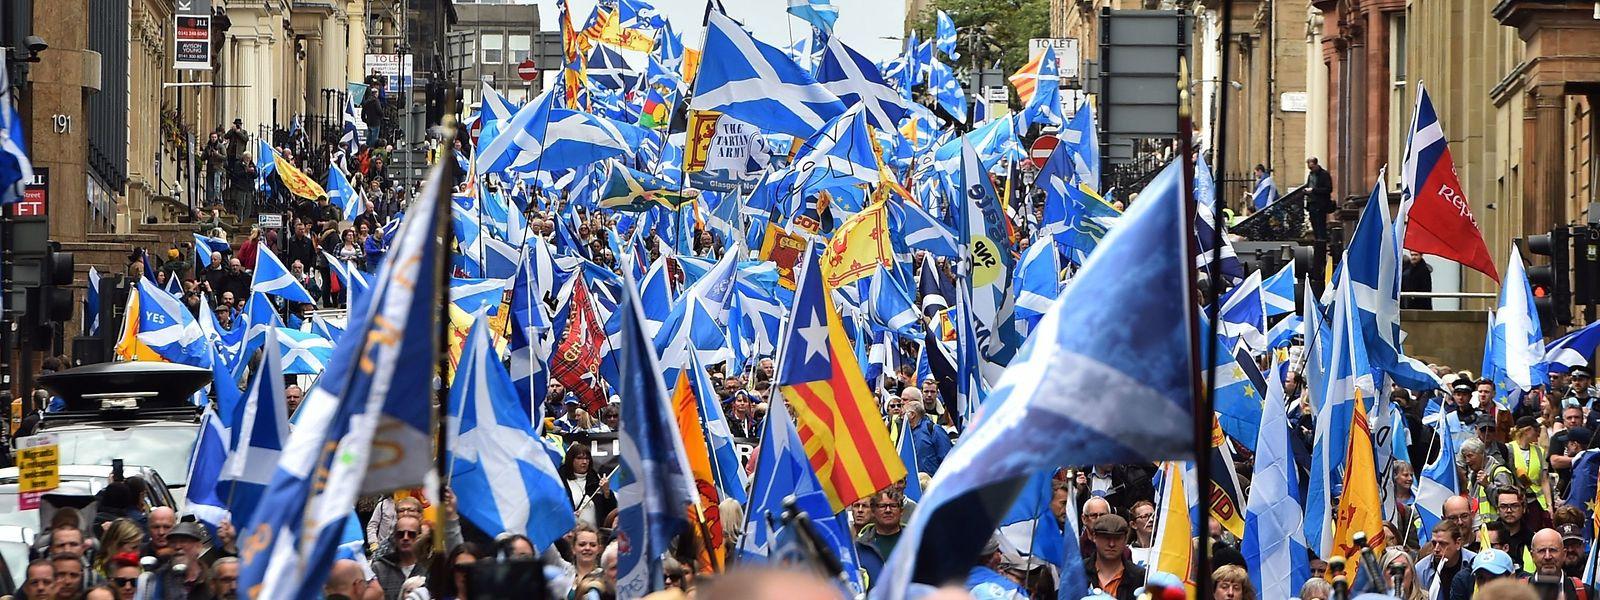 """Unter dem Motto """"All Under One Banner"""" marschierten am Samstag bis zu 35.000 Schotten durch die Straßen Glasgows."""